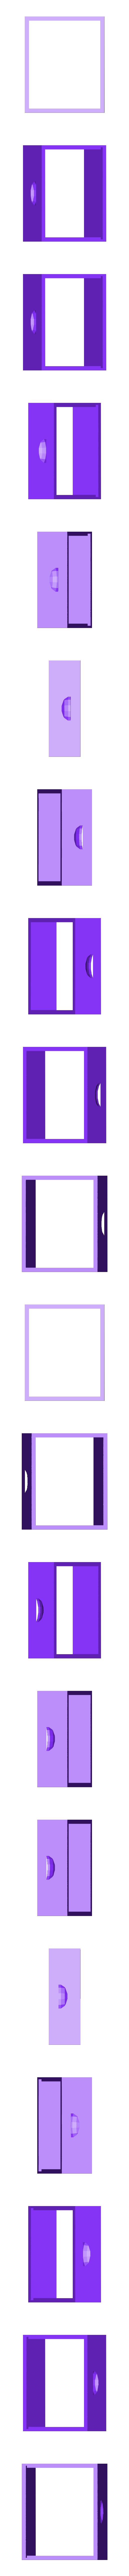 Medium_Box.obj Télécharger fichier OBJ gratuit Modèle de ruche Langstroth • Modèle imprimable en 3D, AlbertKhan3D